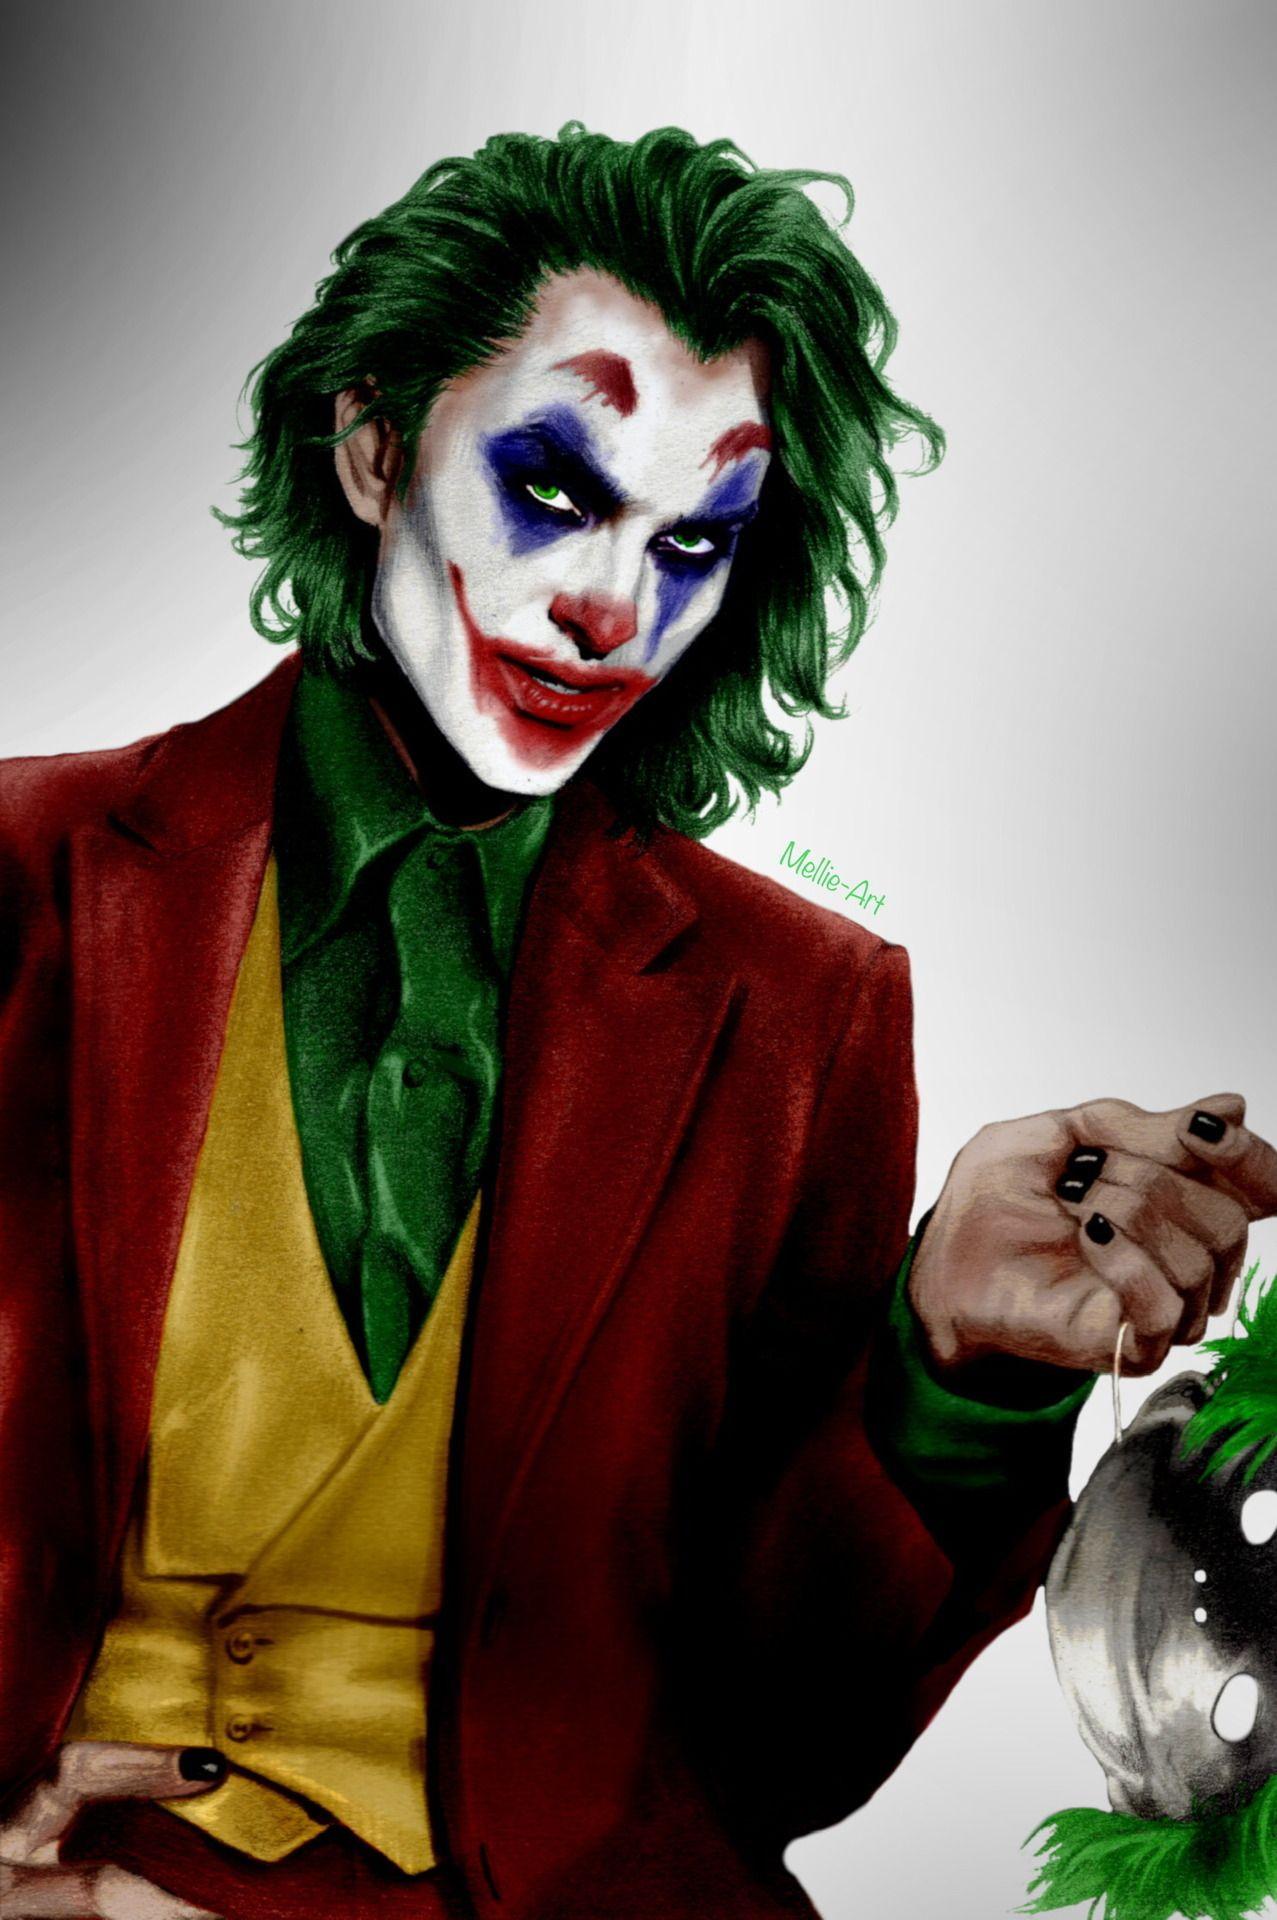 Arthur Joker Fleck Fotos Del Joker Joker Batman Y El Guason